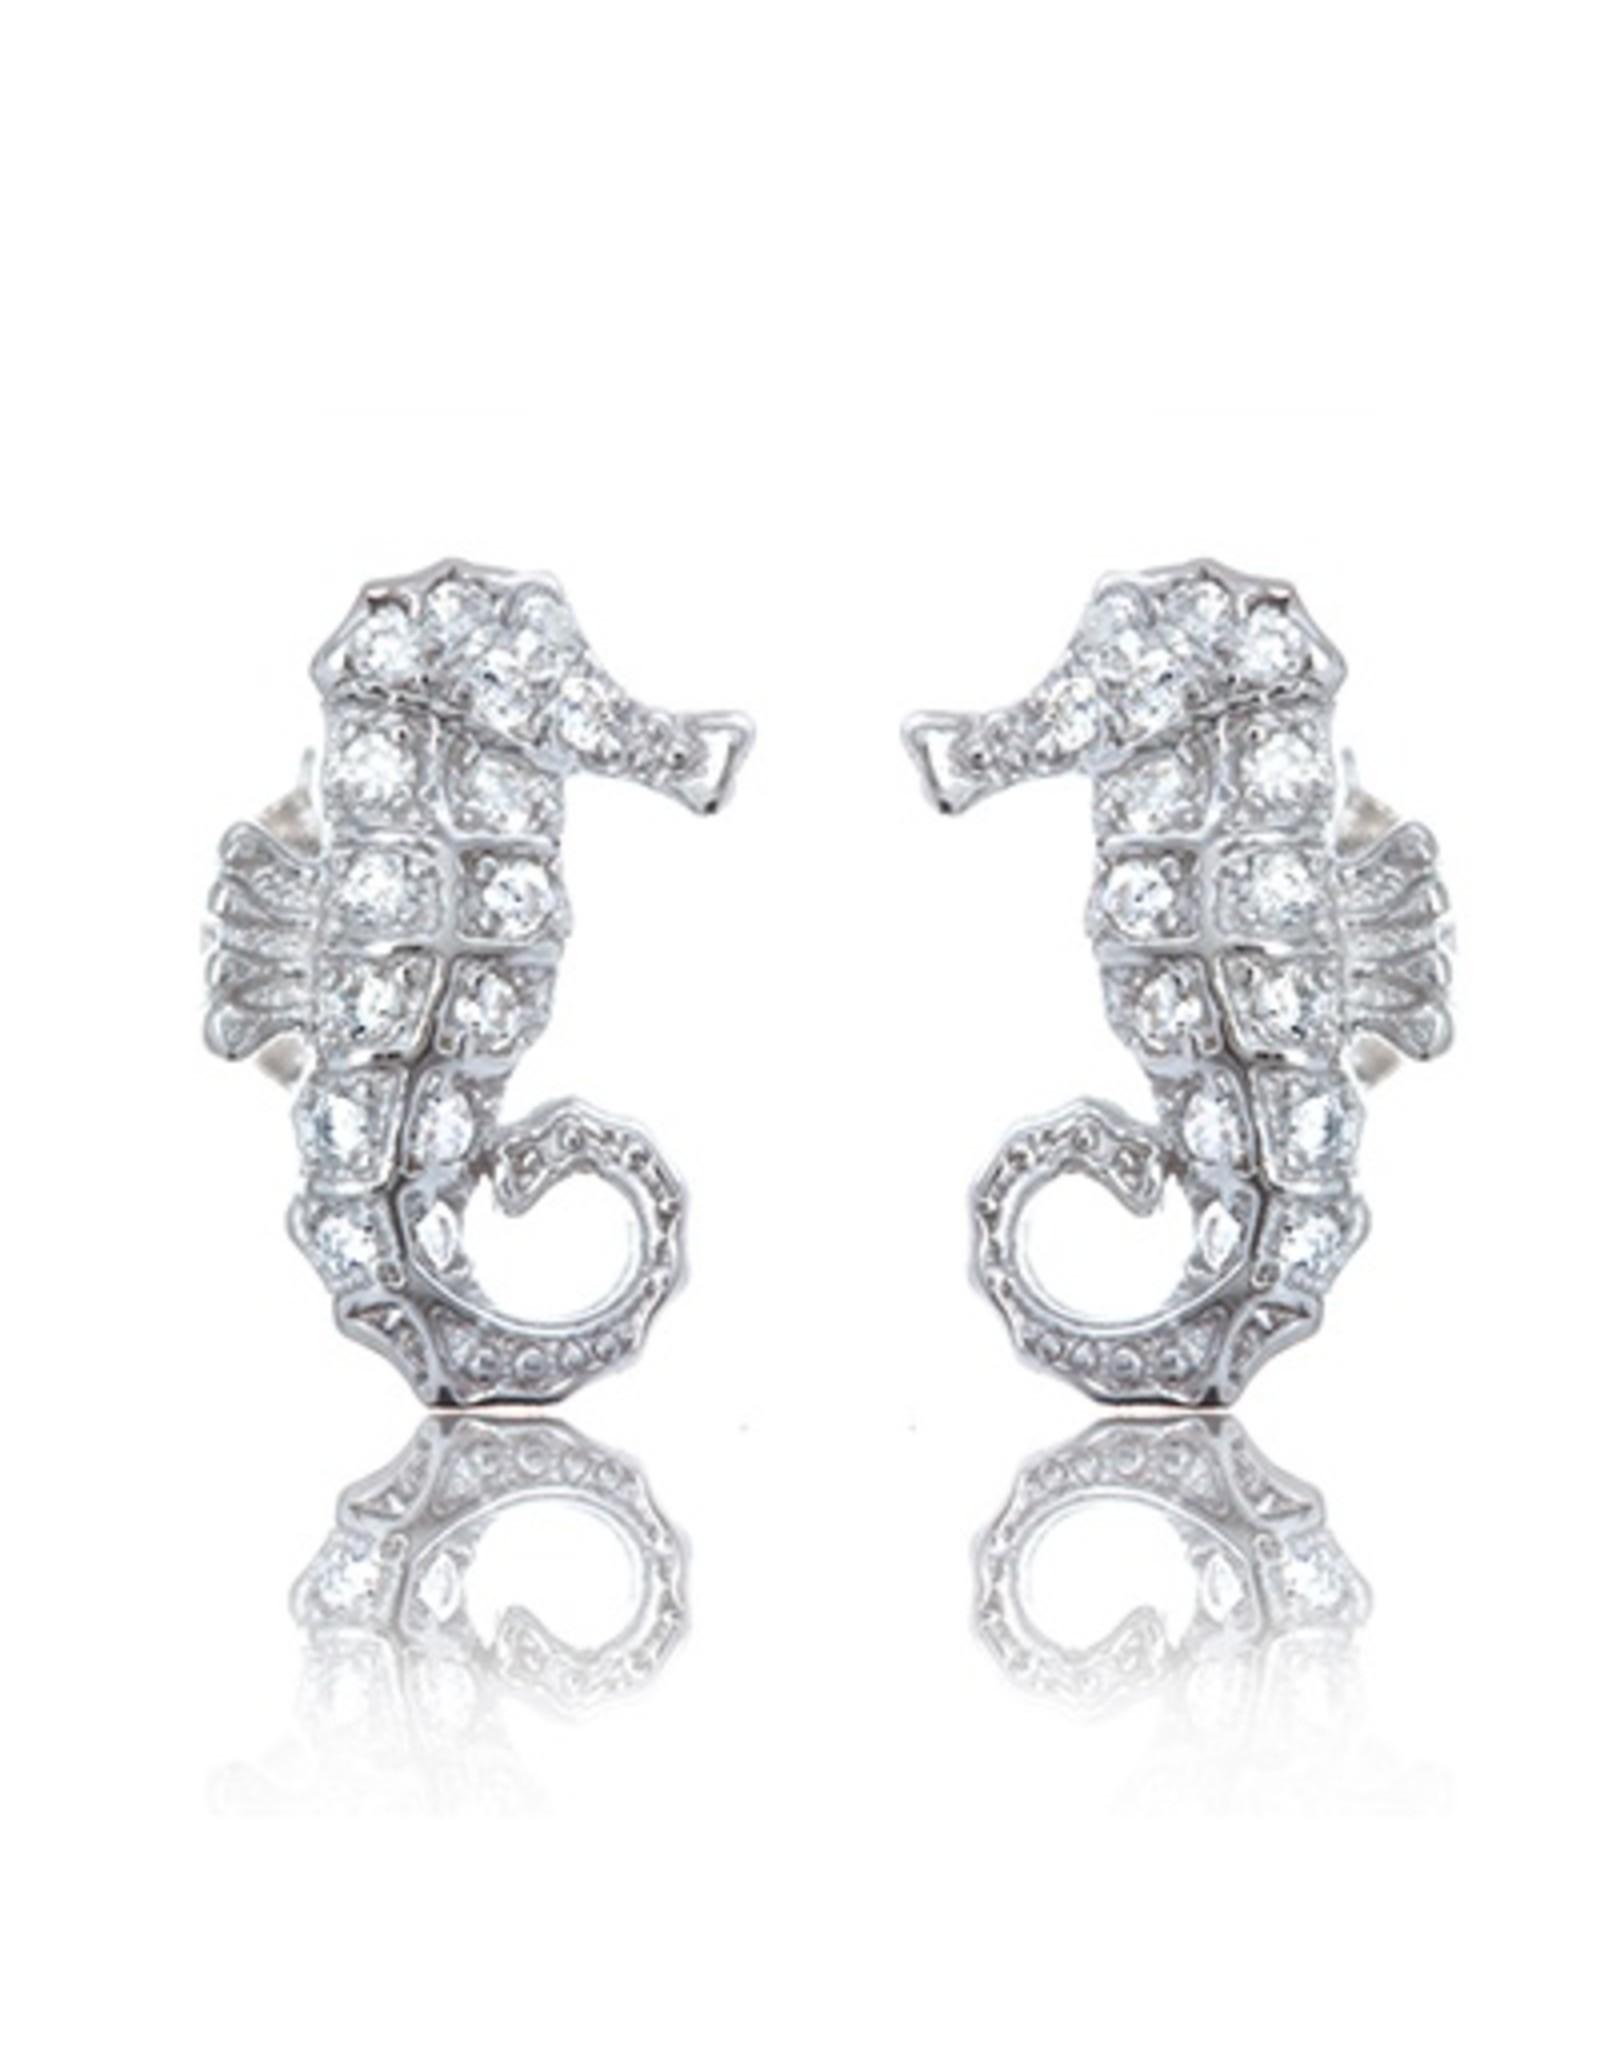 CZ Seahorse Stud Earrings